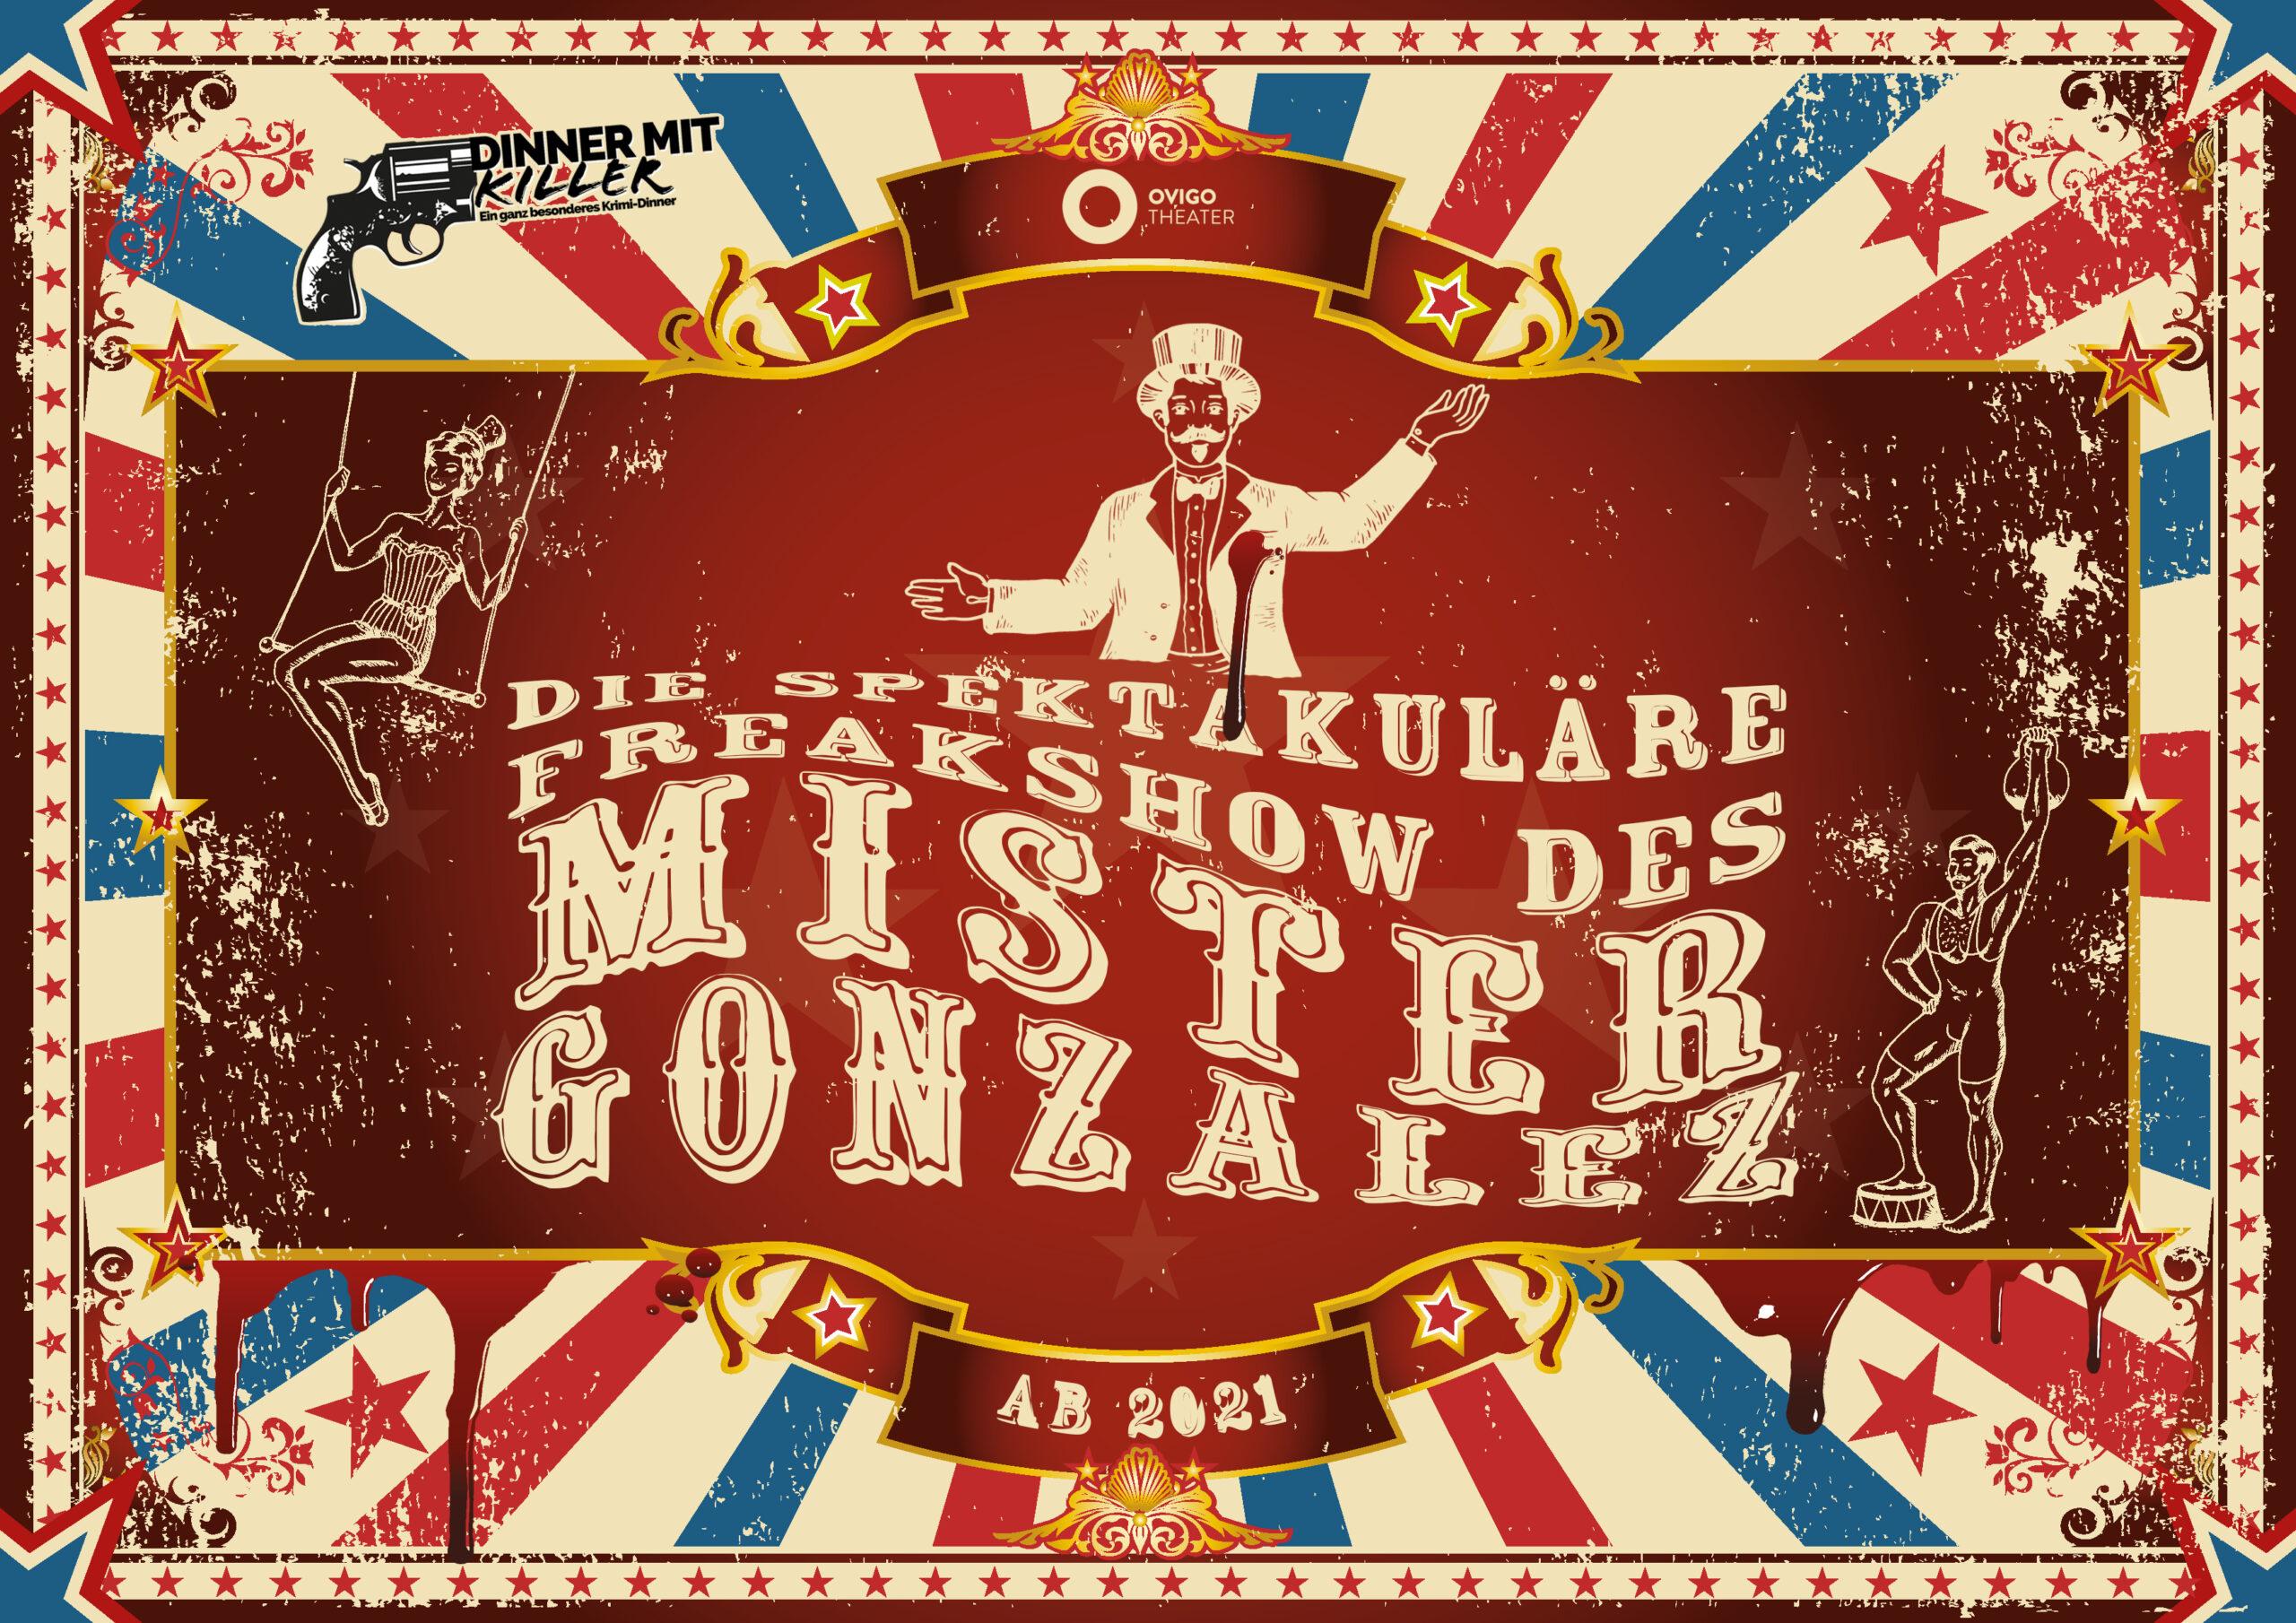 Die spektakuläre Freakshow des Mister Gonzalez, OVIGO Theater